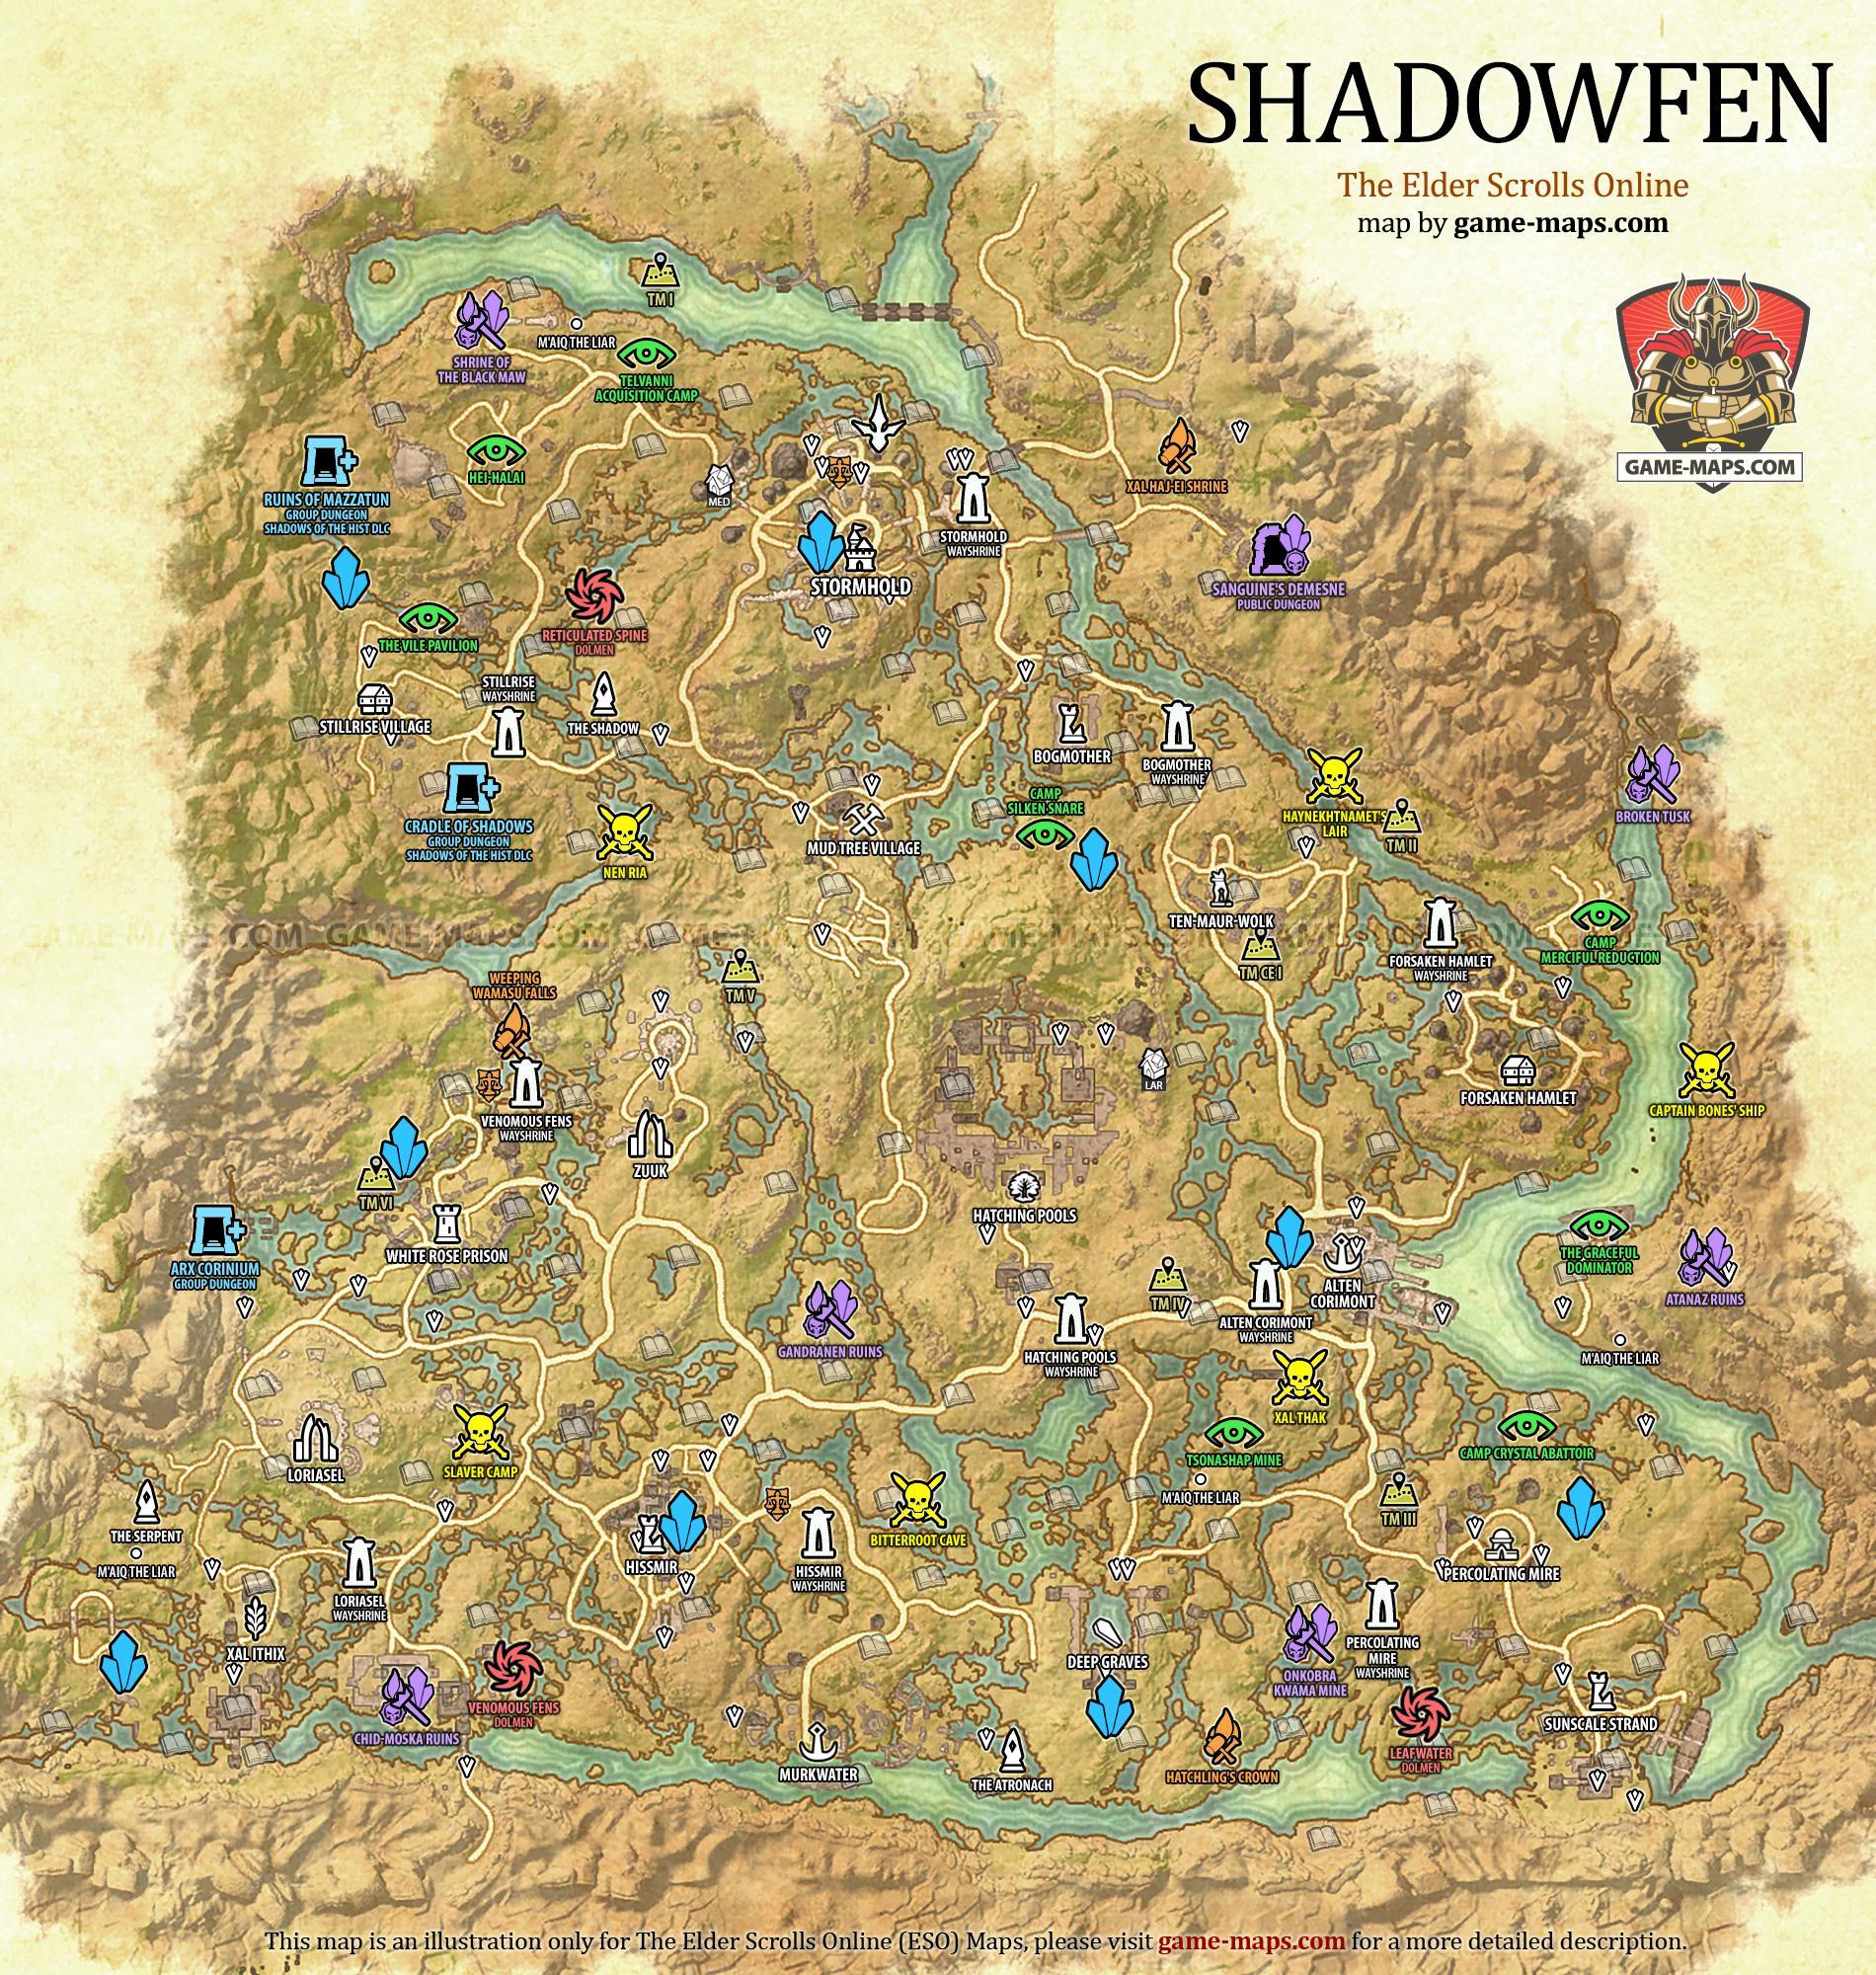 Shadowfen Map The Elder Scrolls Online game